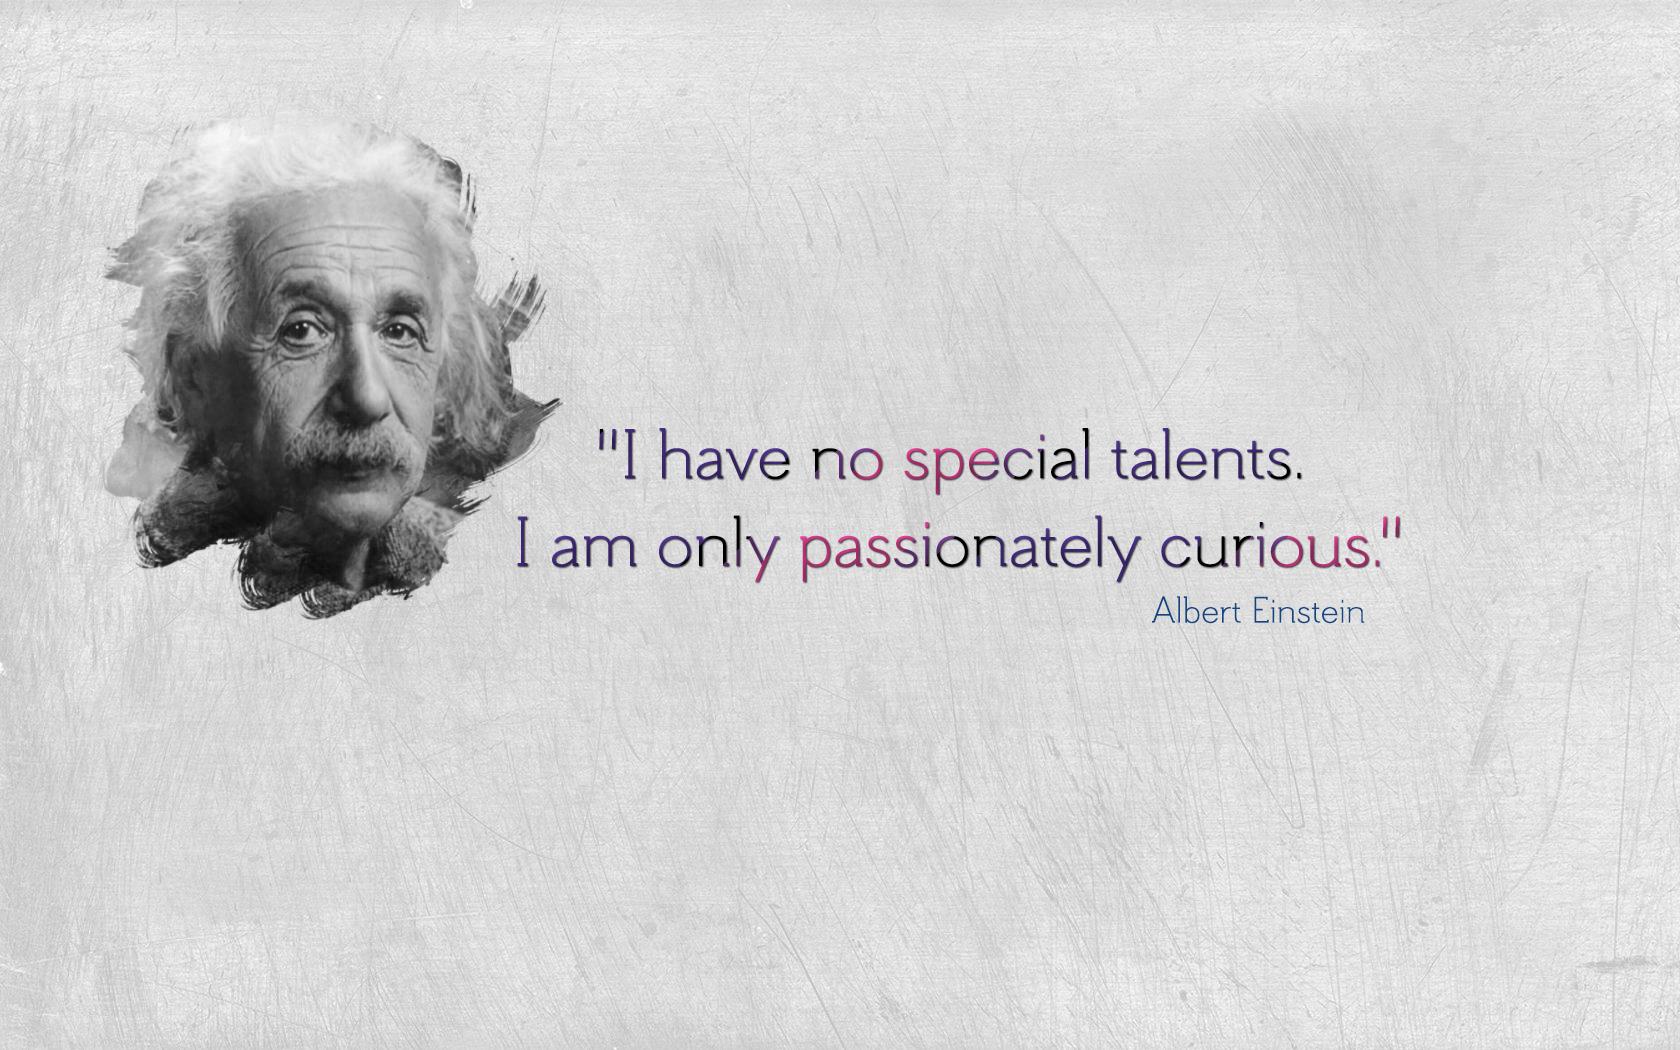 Wallpaper : Albert Einstein, history, science, quote ...